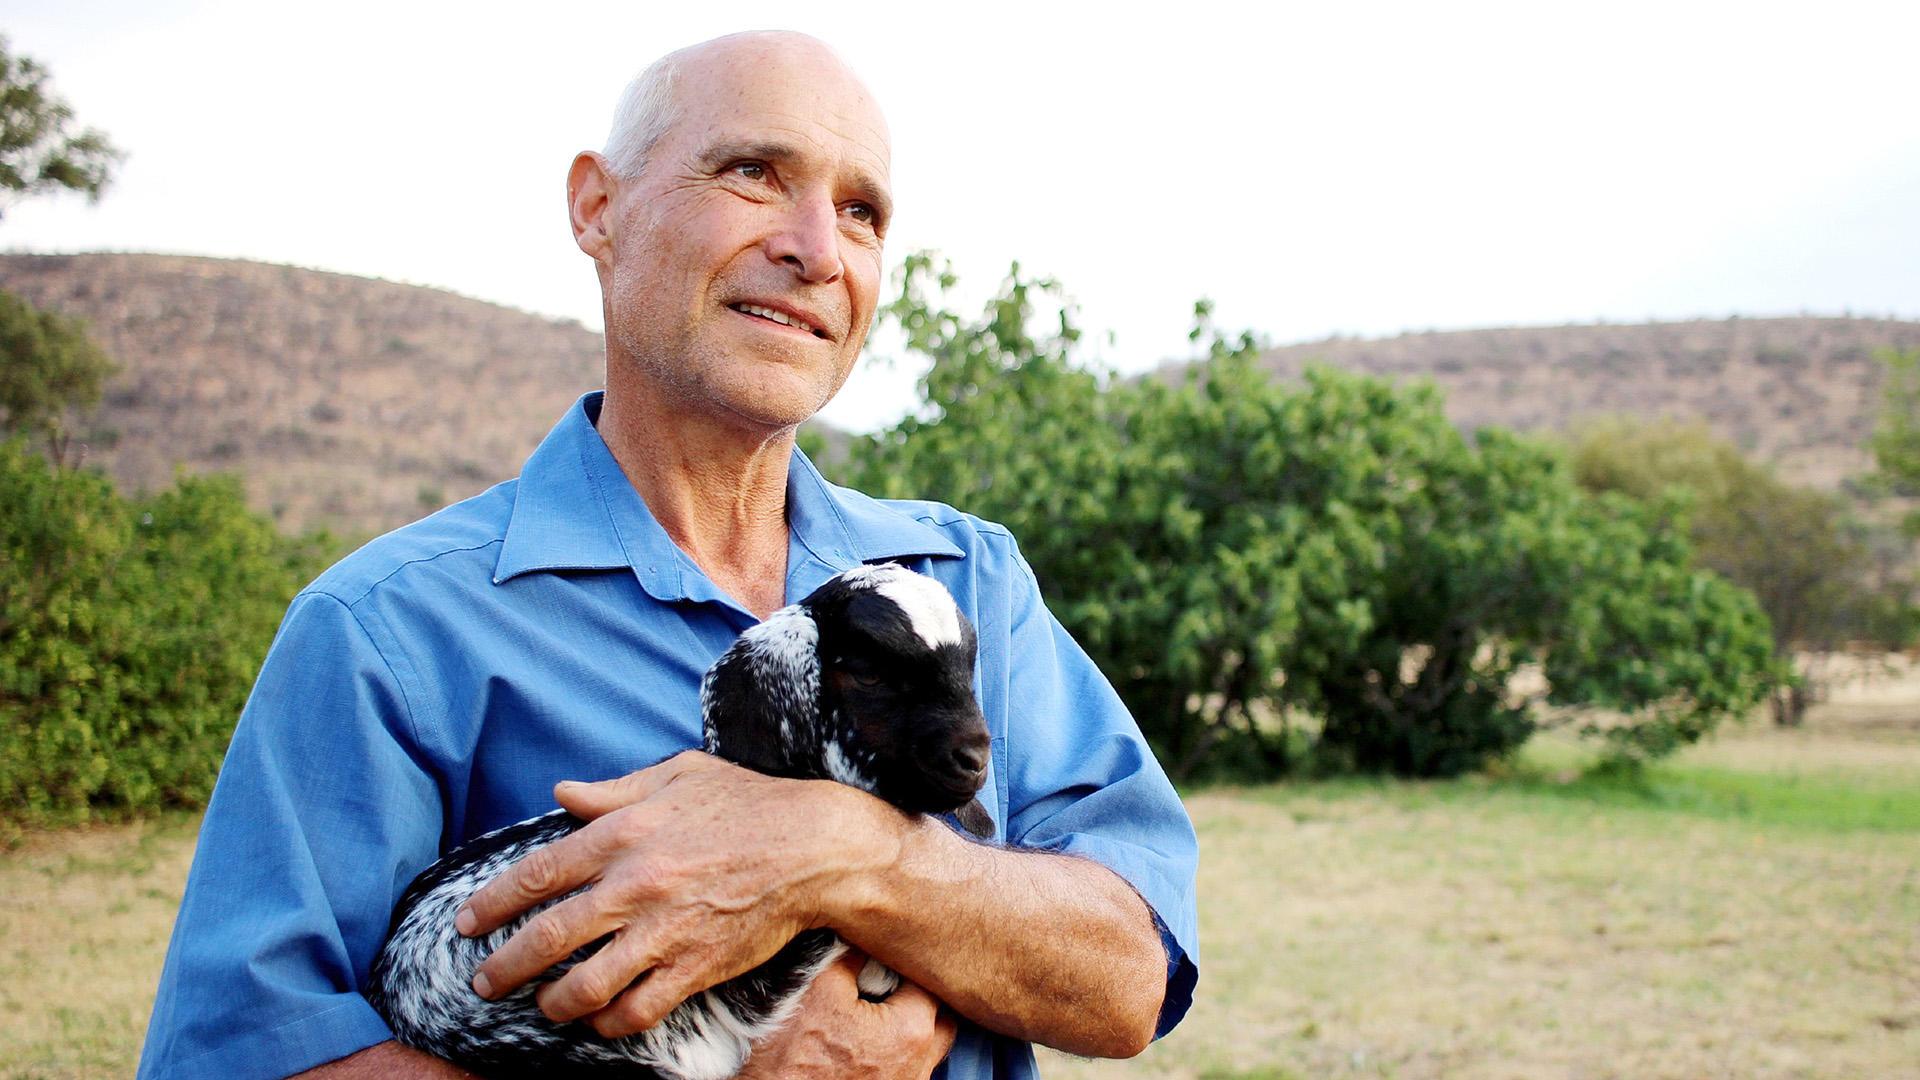 Viehzüchter Gerhard begrüßt seine Hofdamen in Südafrika